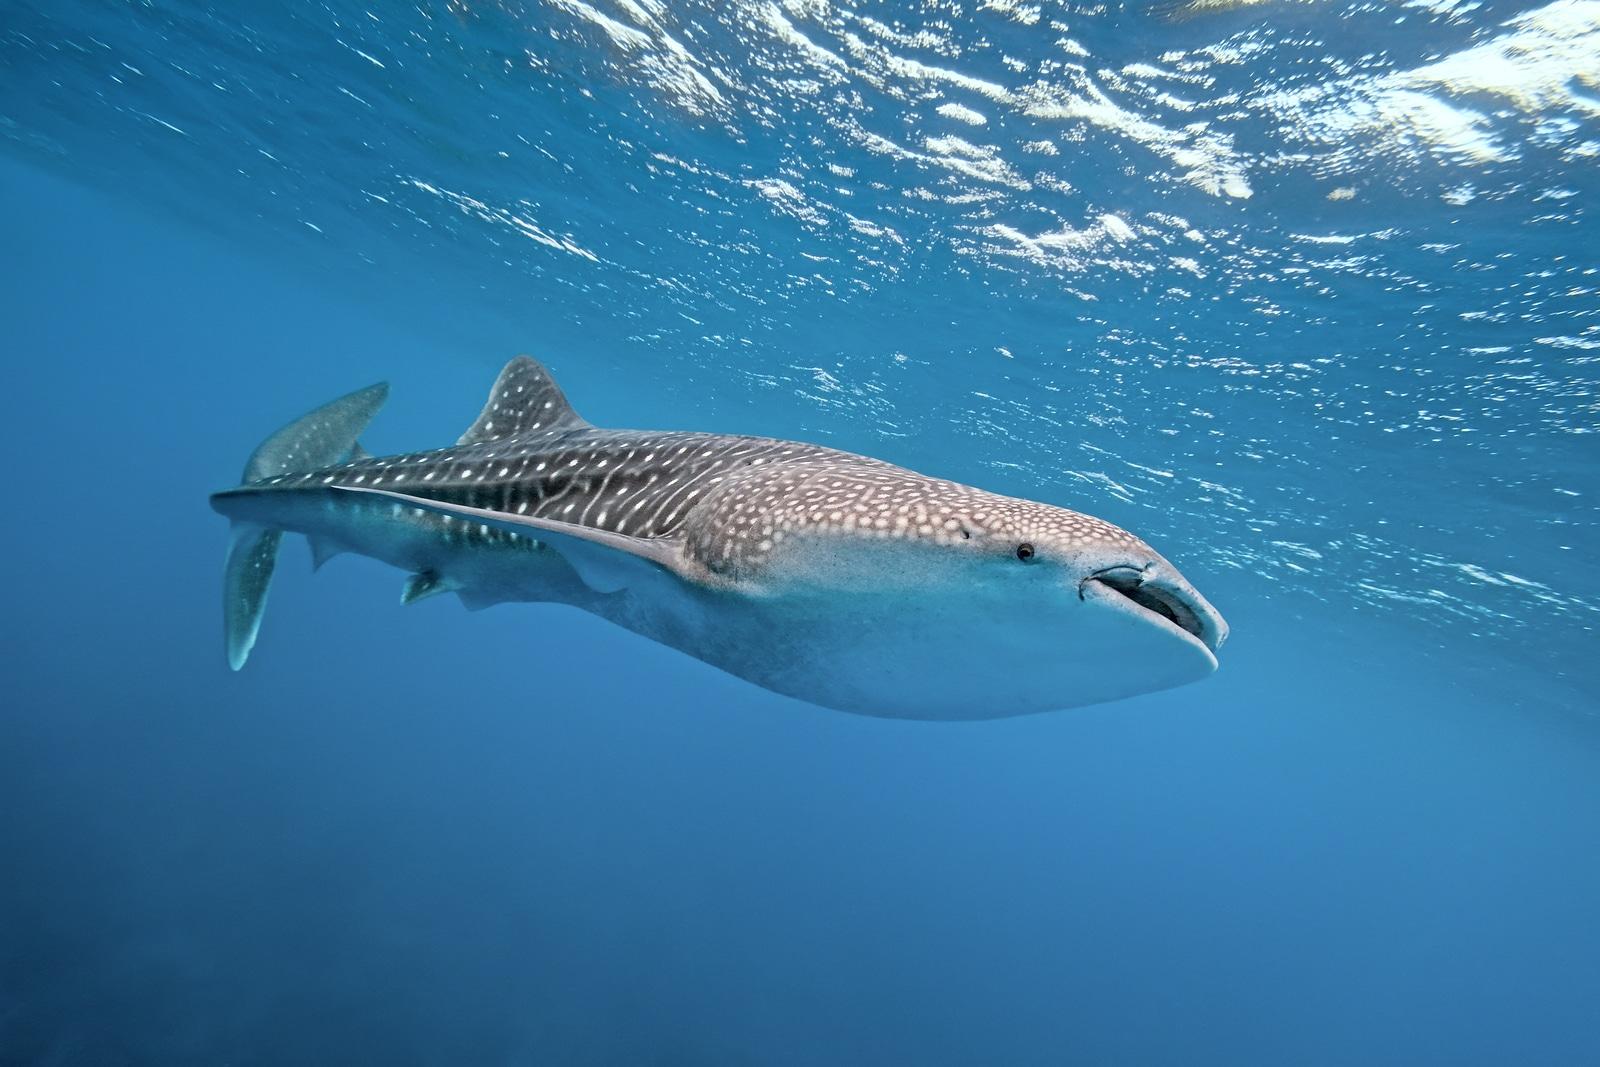 Ven y disfruta el espectaculo que los tiburones - Ballena tienen para ti